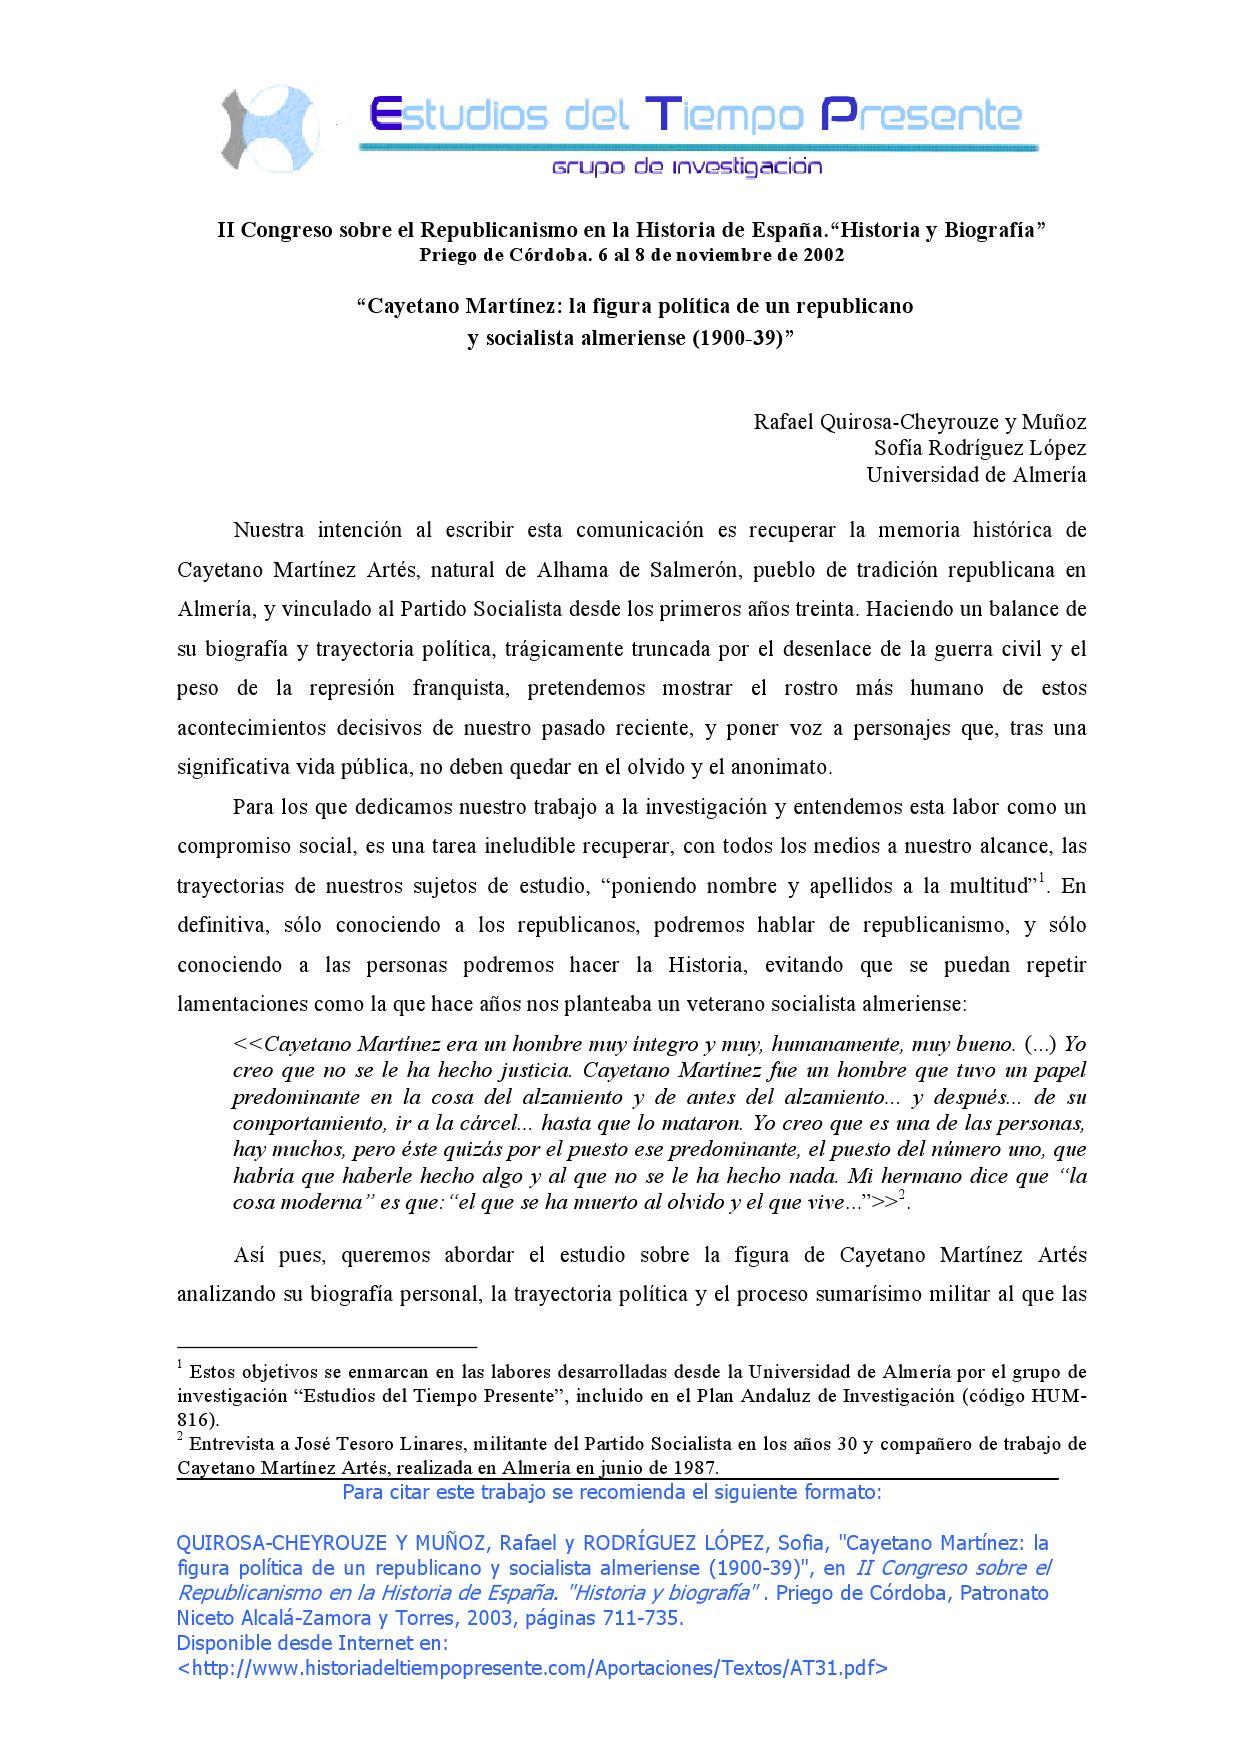 Microsoft Word At31 By Grupo De Investigaci N Estudios Del  # Muebles Tusell Medina Campo